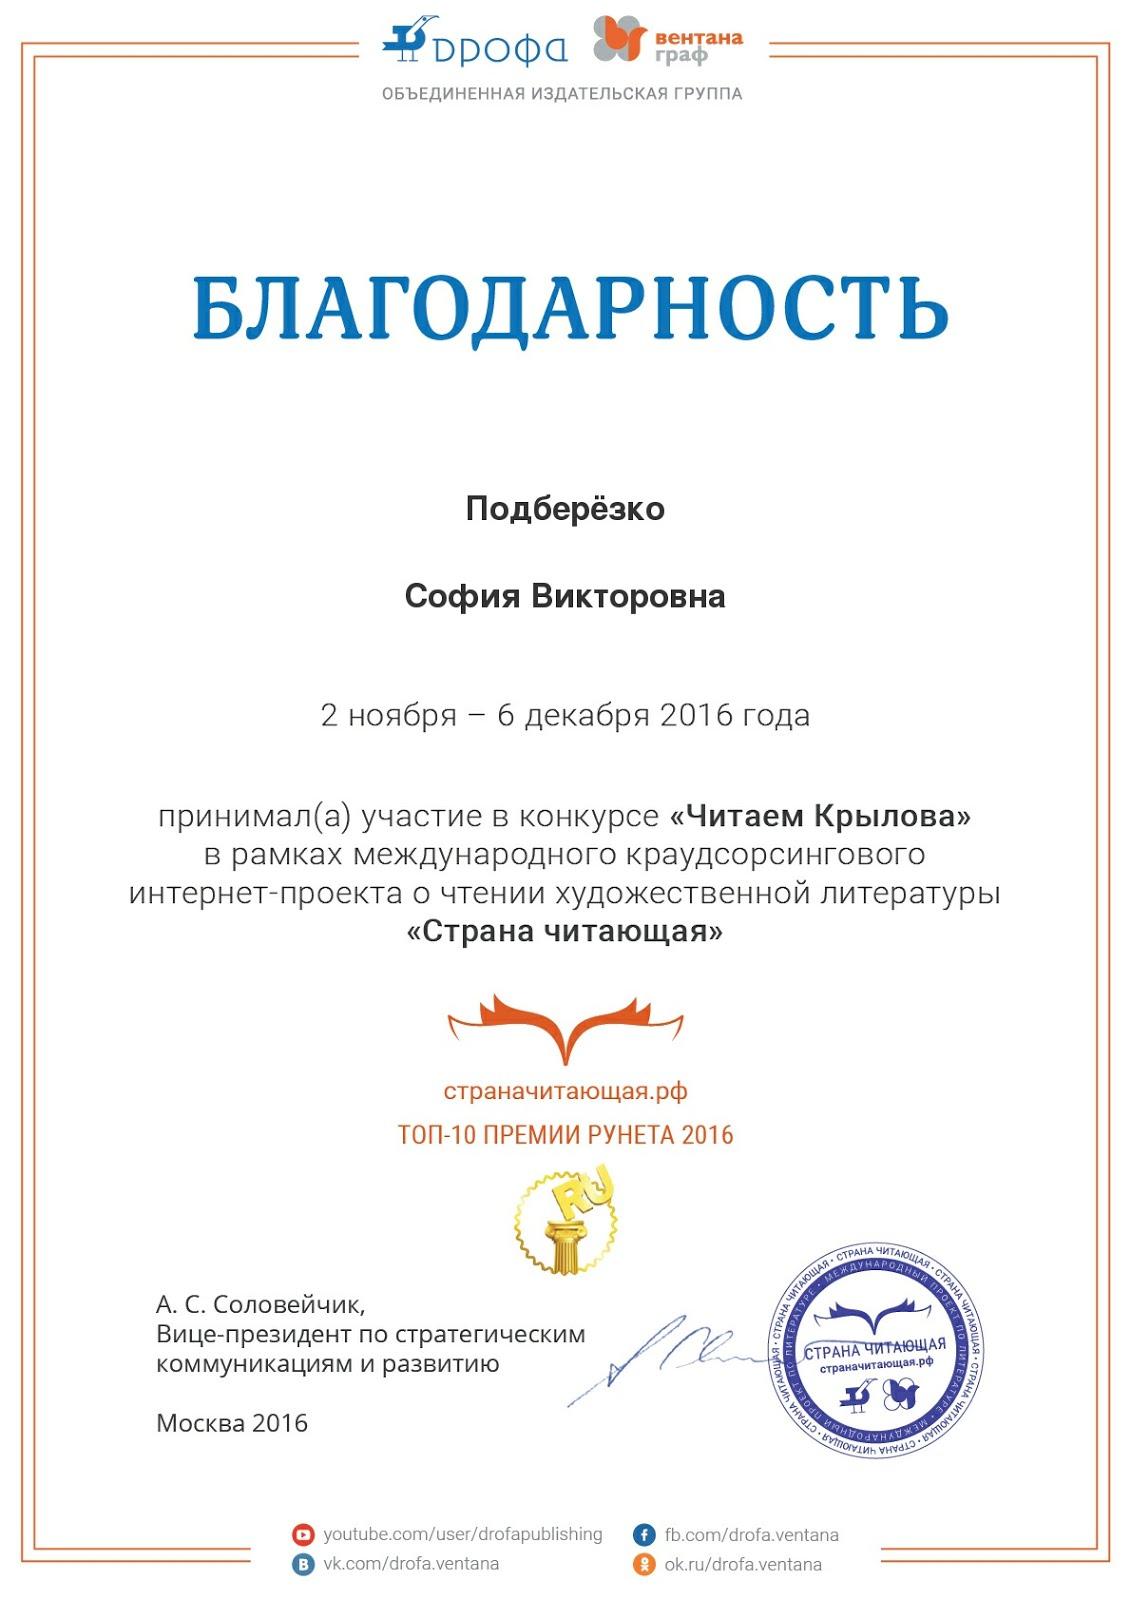 """Участники международного интернет - проекта """"Страна читающая"""""""